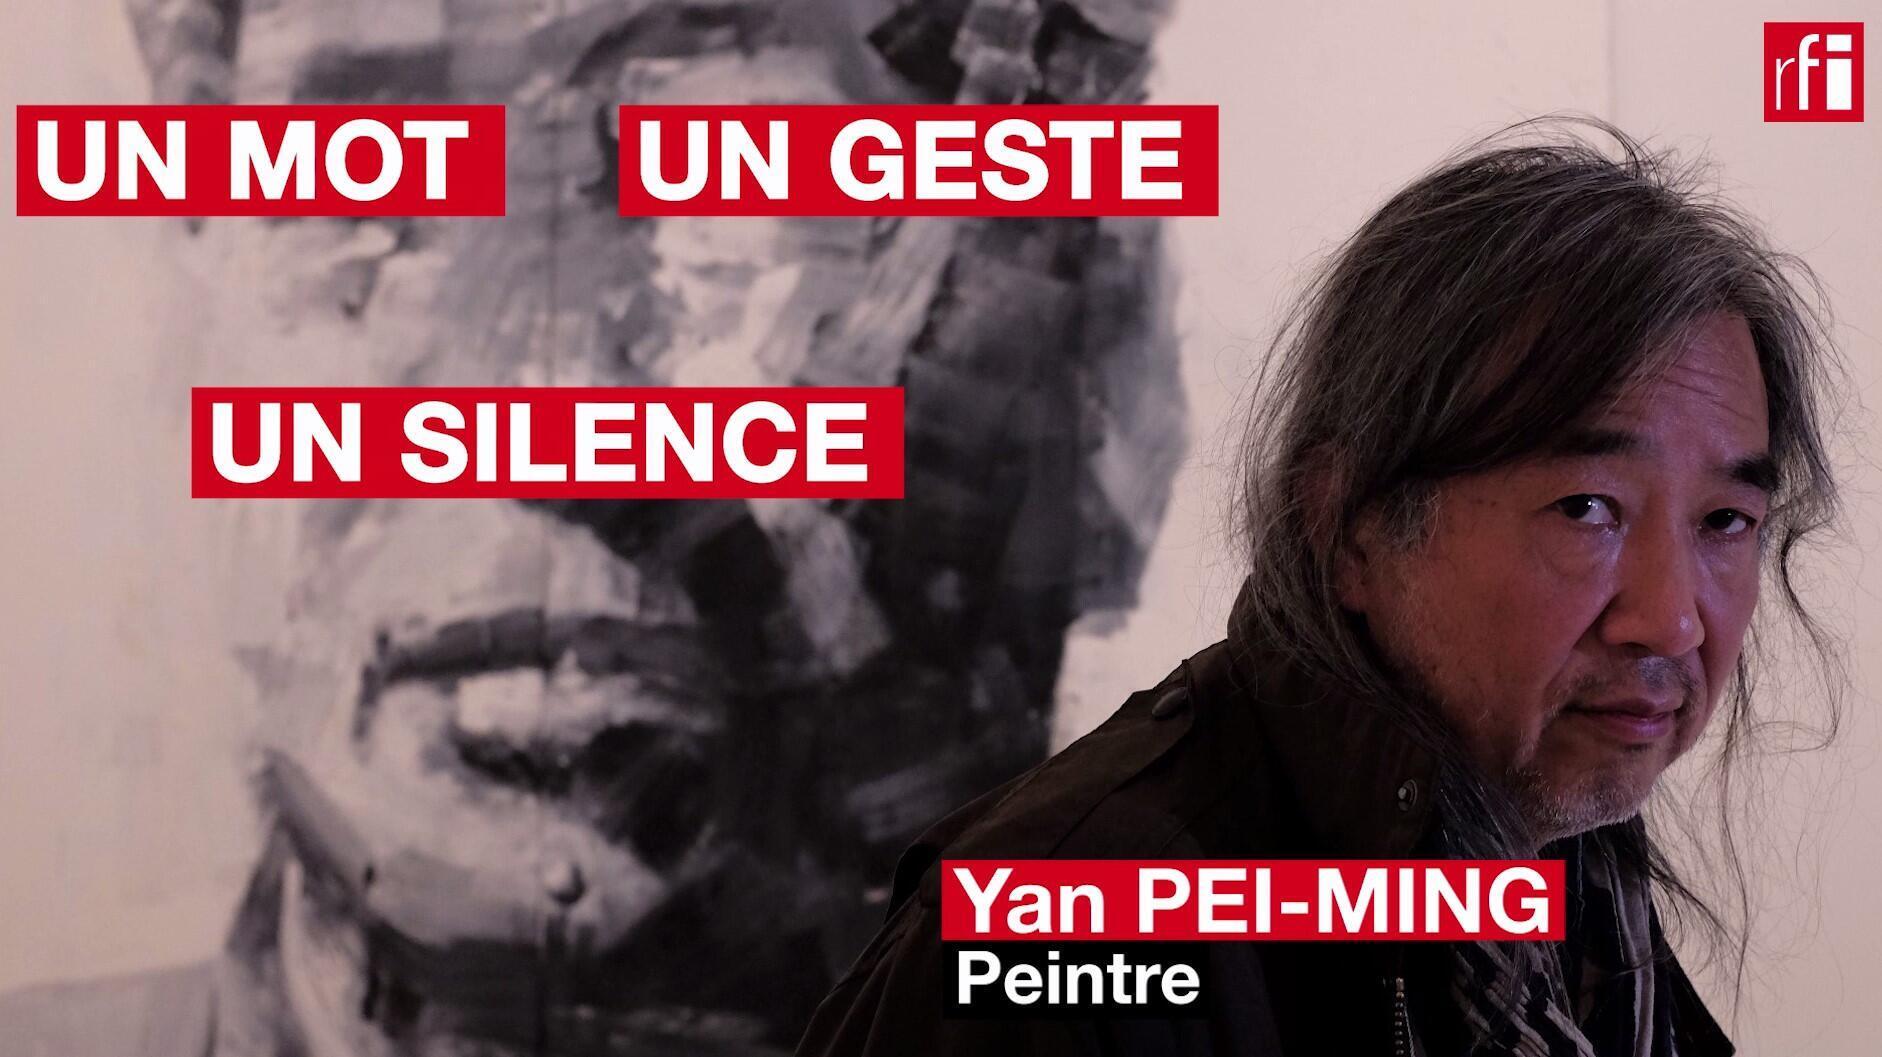 Le peintre Yan Pei-Ming en un mot, un geste et un silence